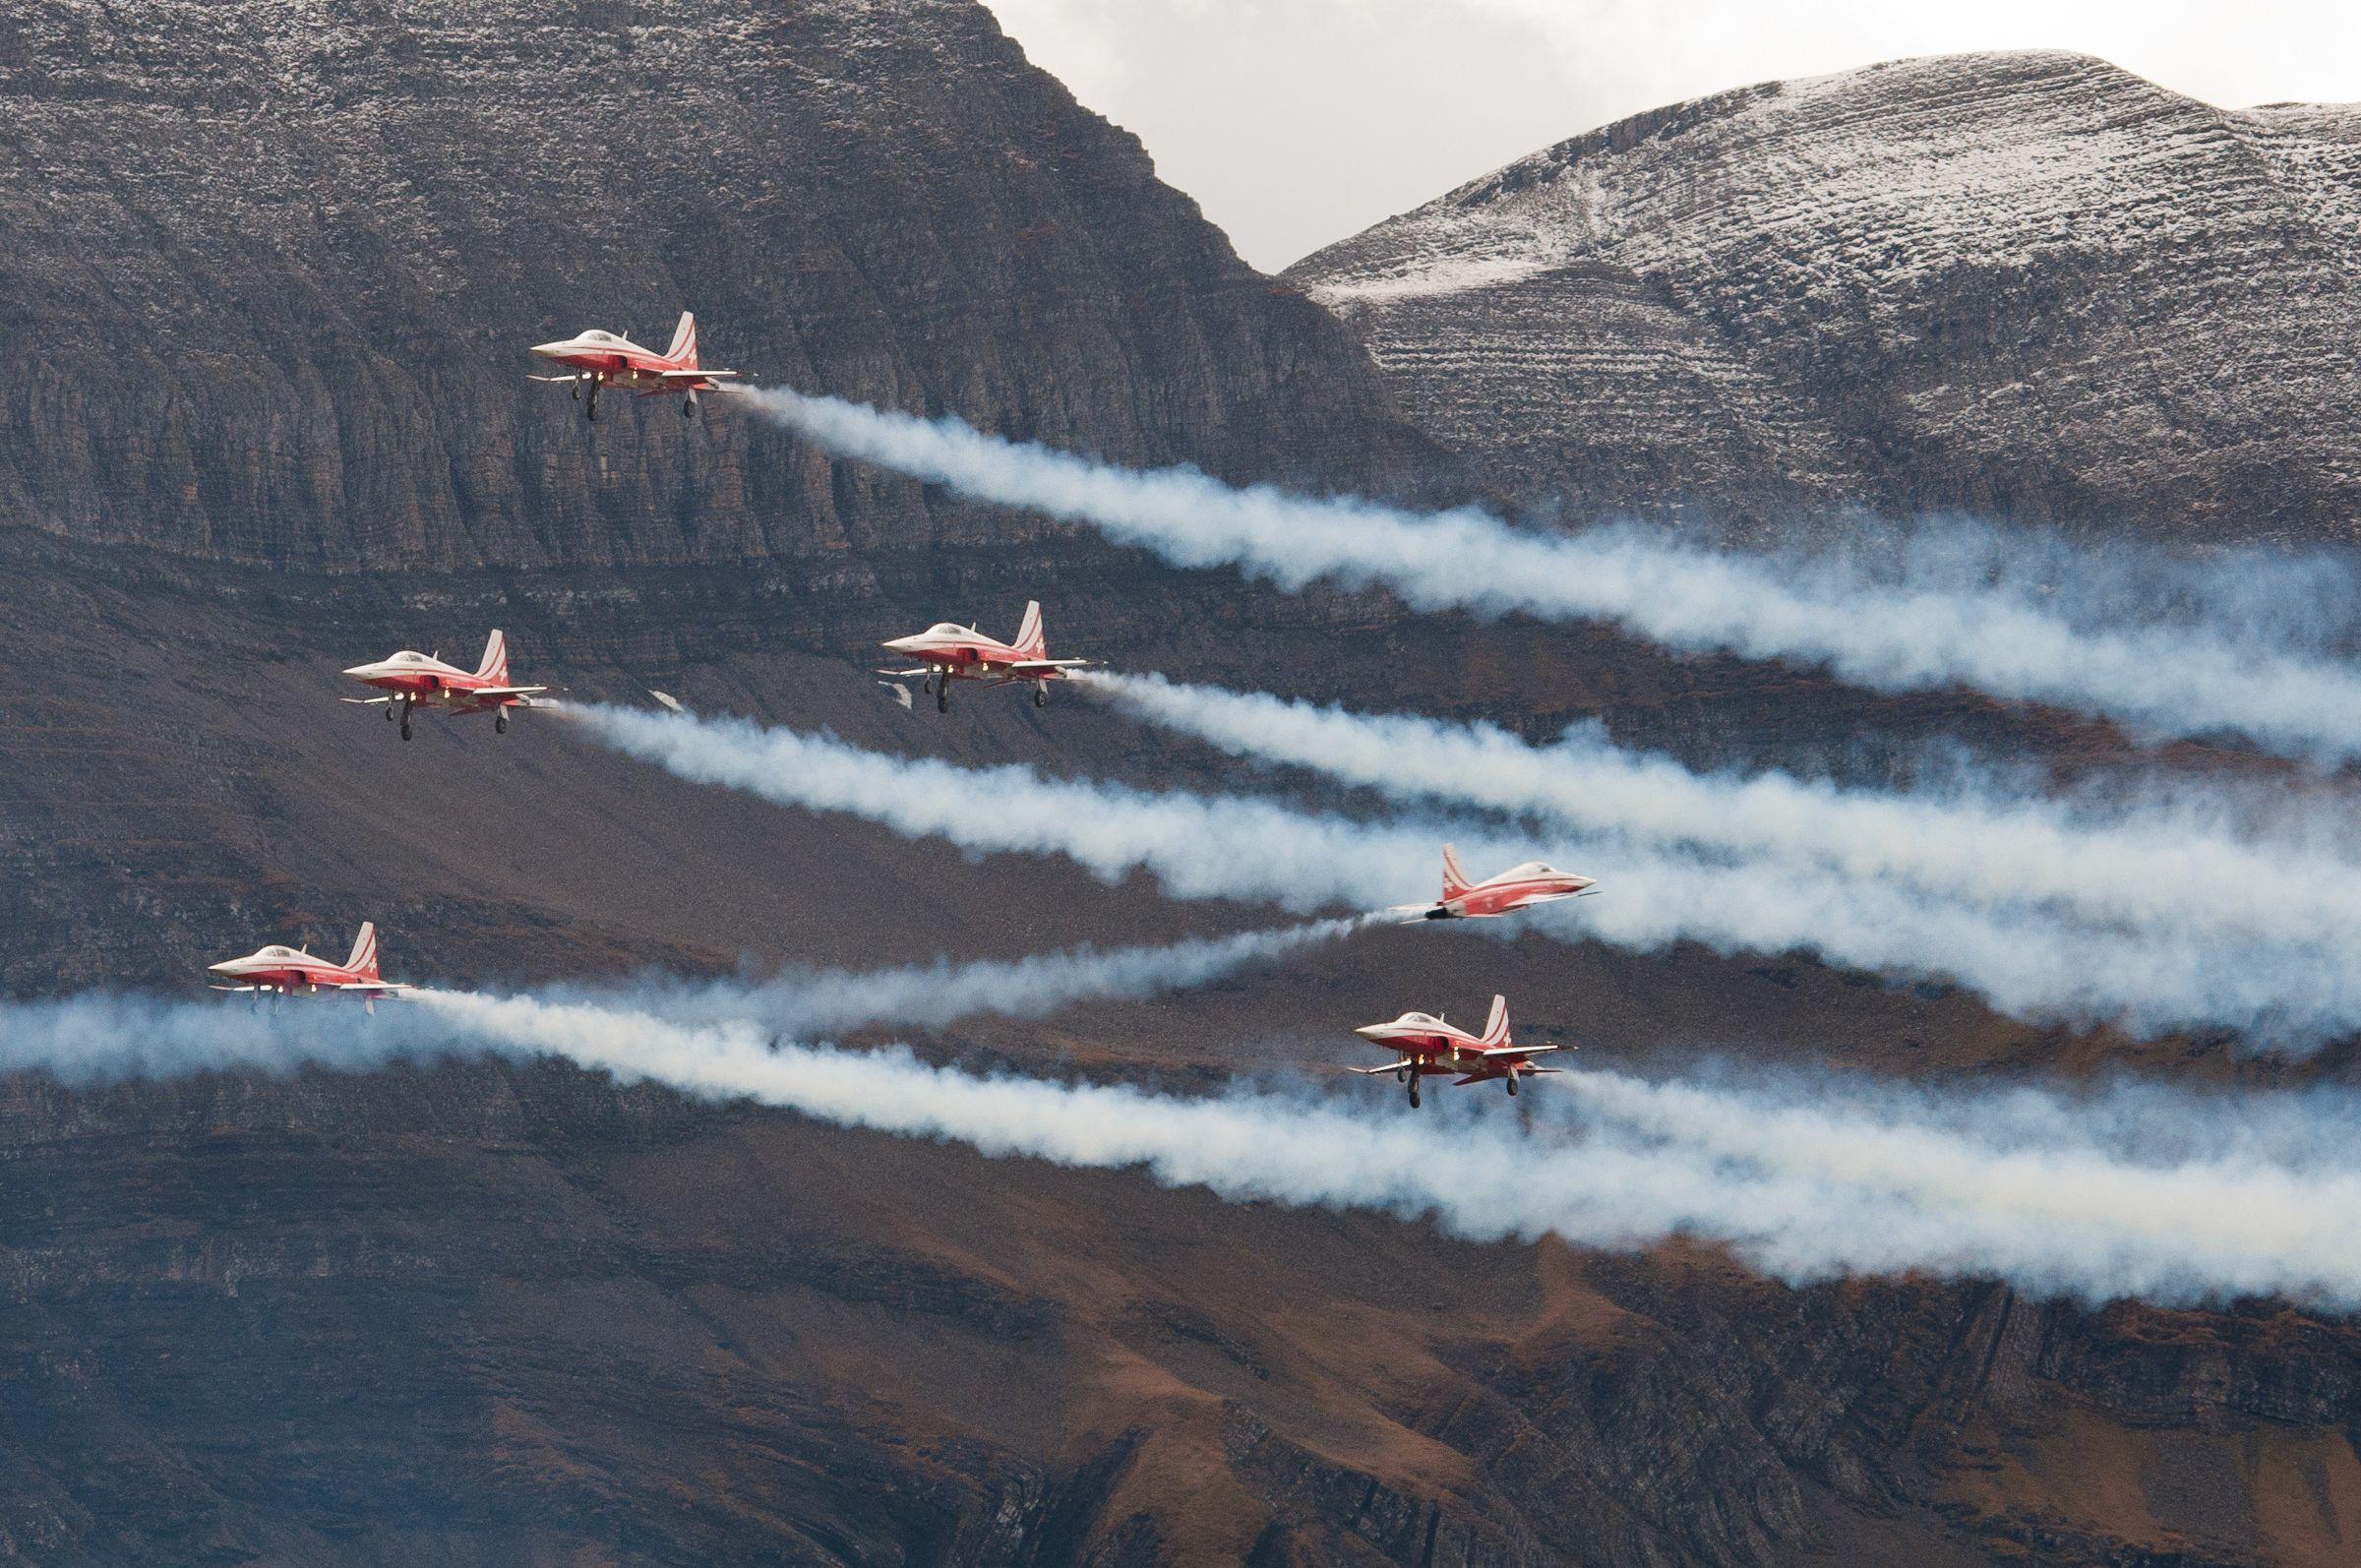 Air force live fire event Axalp 2012 - 10-11 Oct 2012 - Pagina 2 0001117